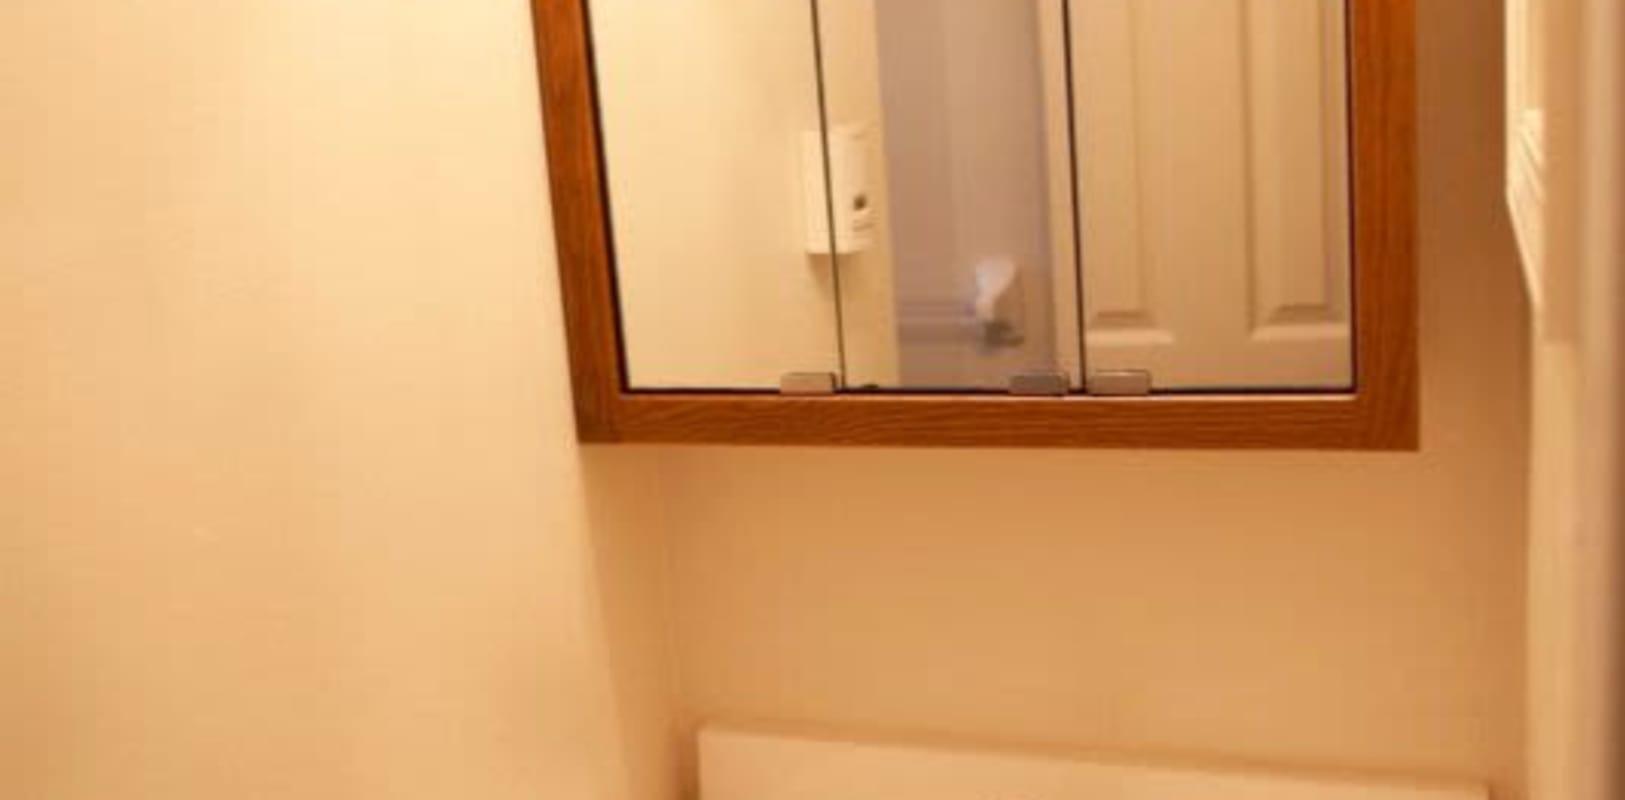 Bathroom mirror at Oley Meadows in Oley, Pennsylvania